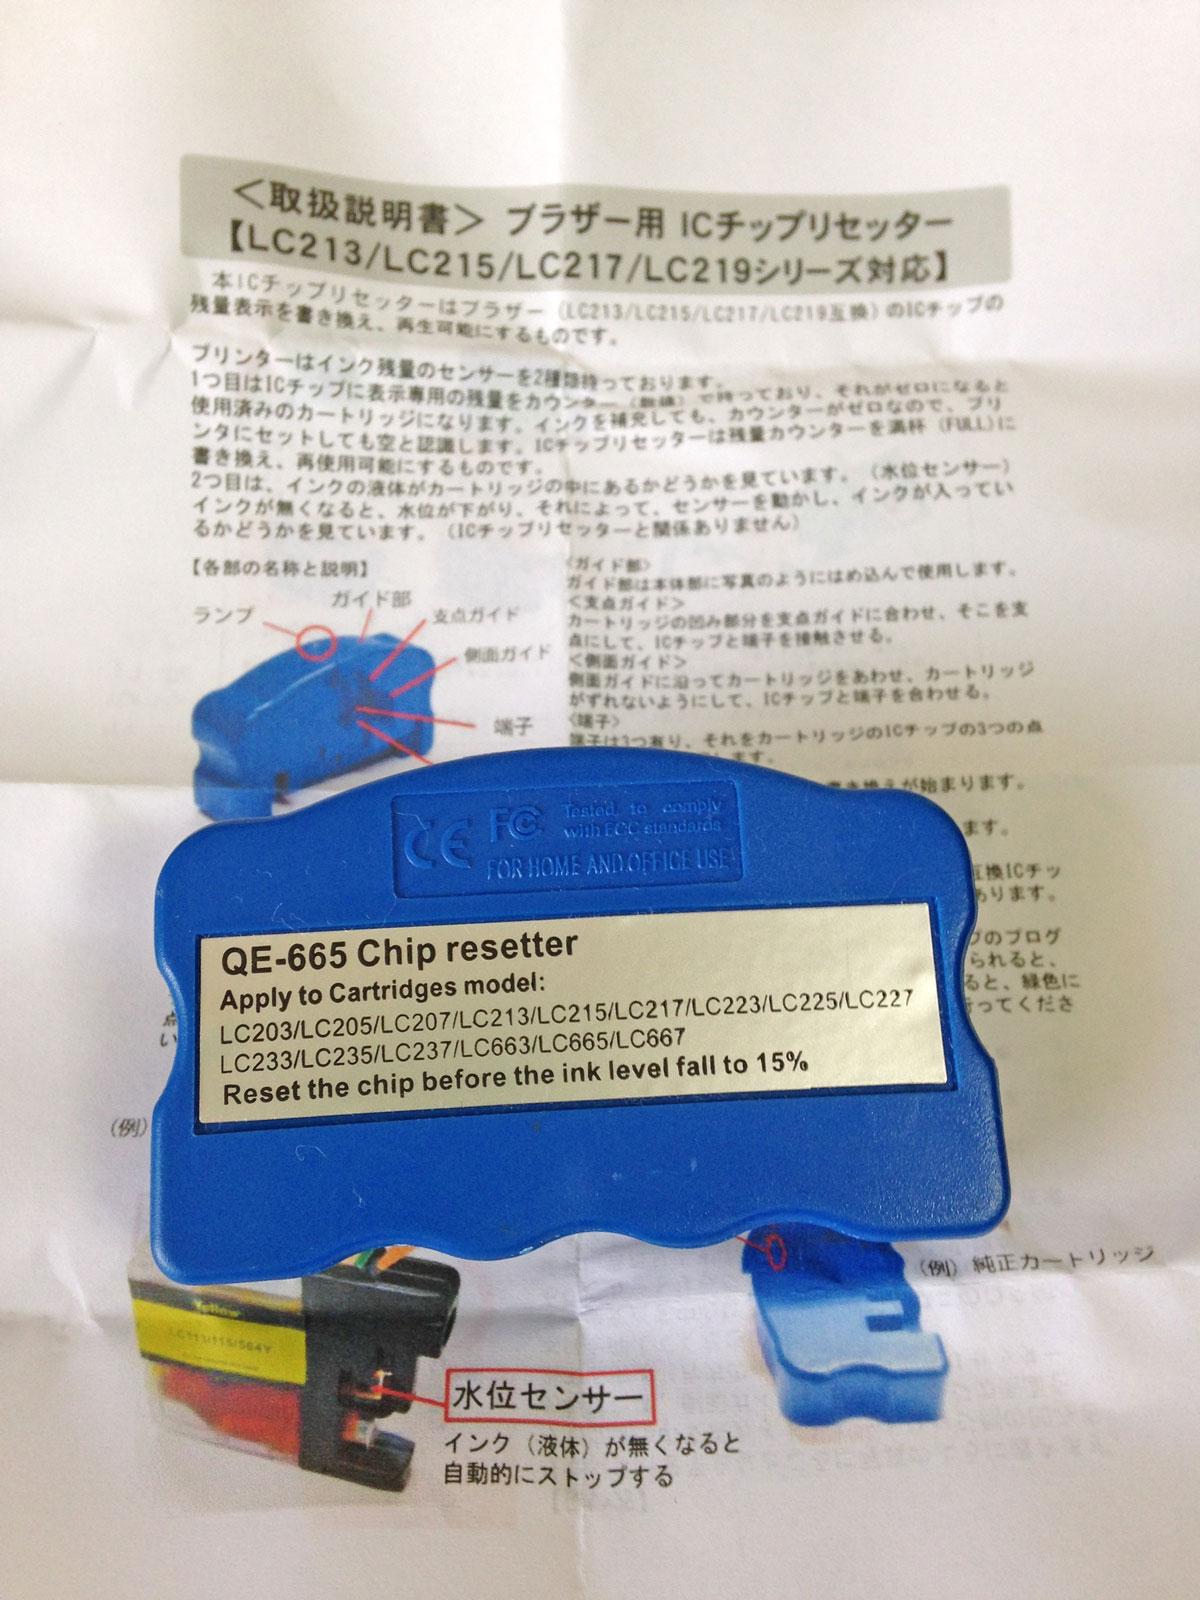 ブラザー用ICチップリセッターQE-665説明書